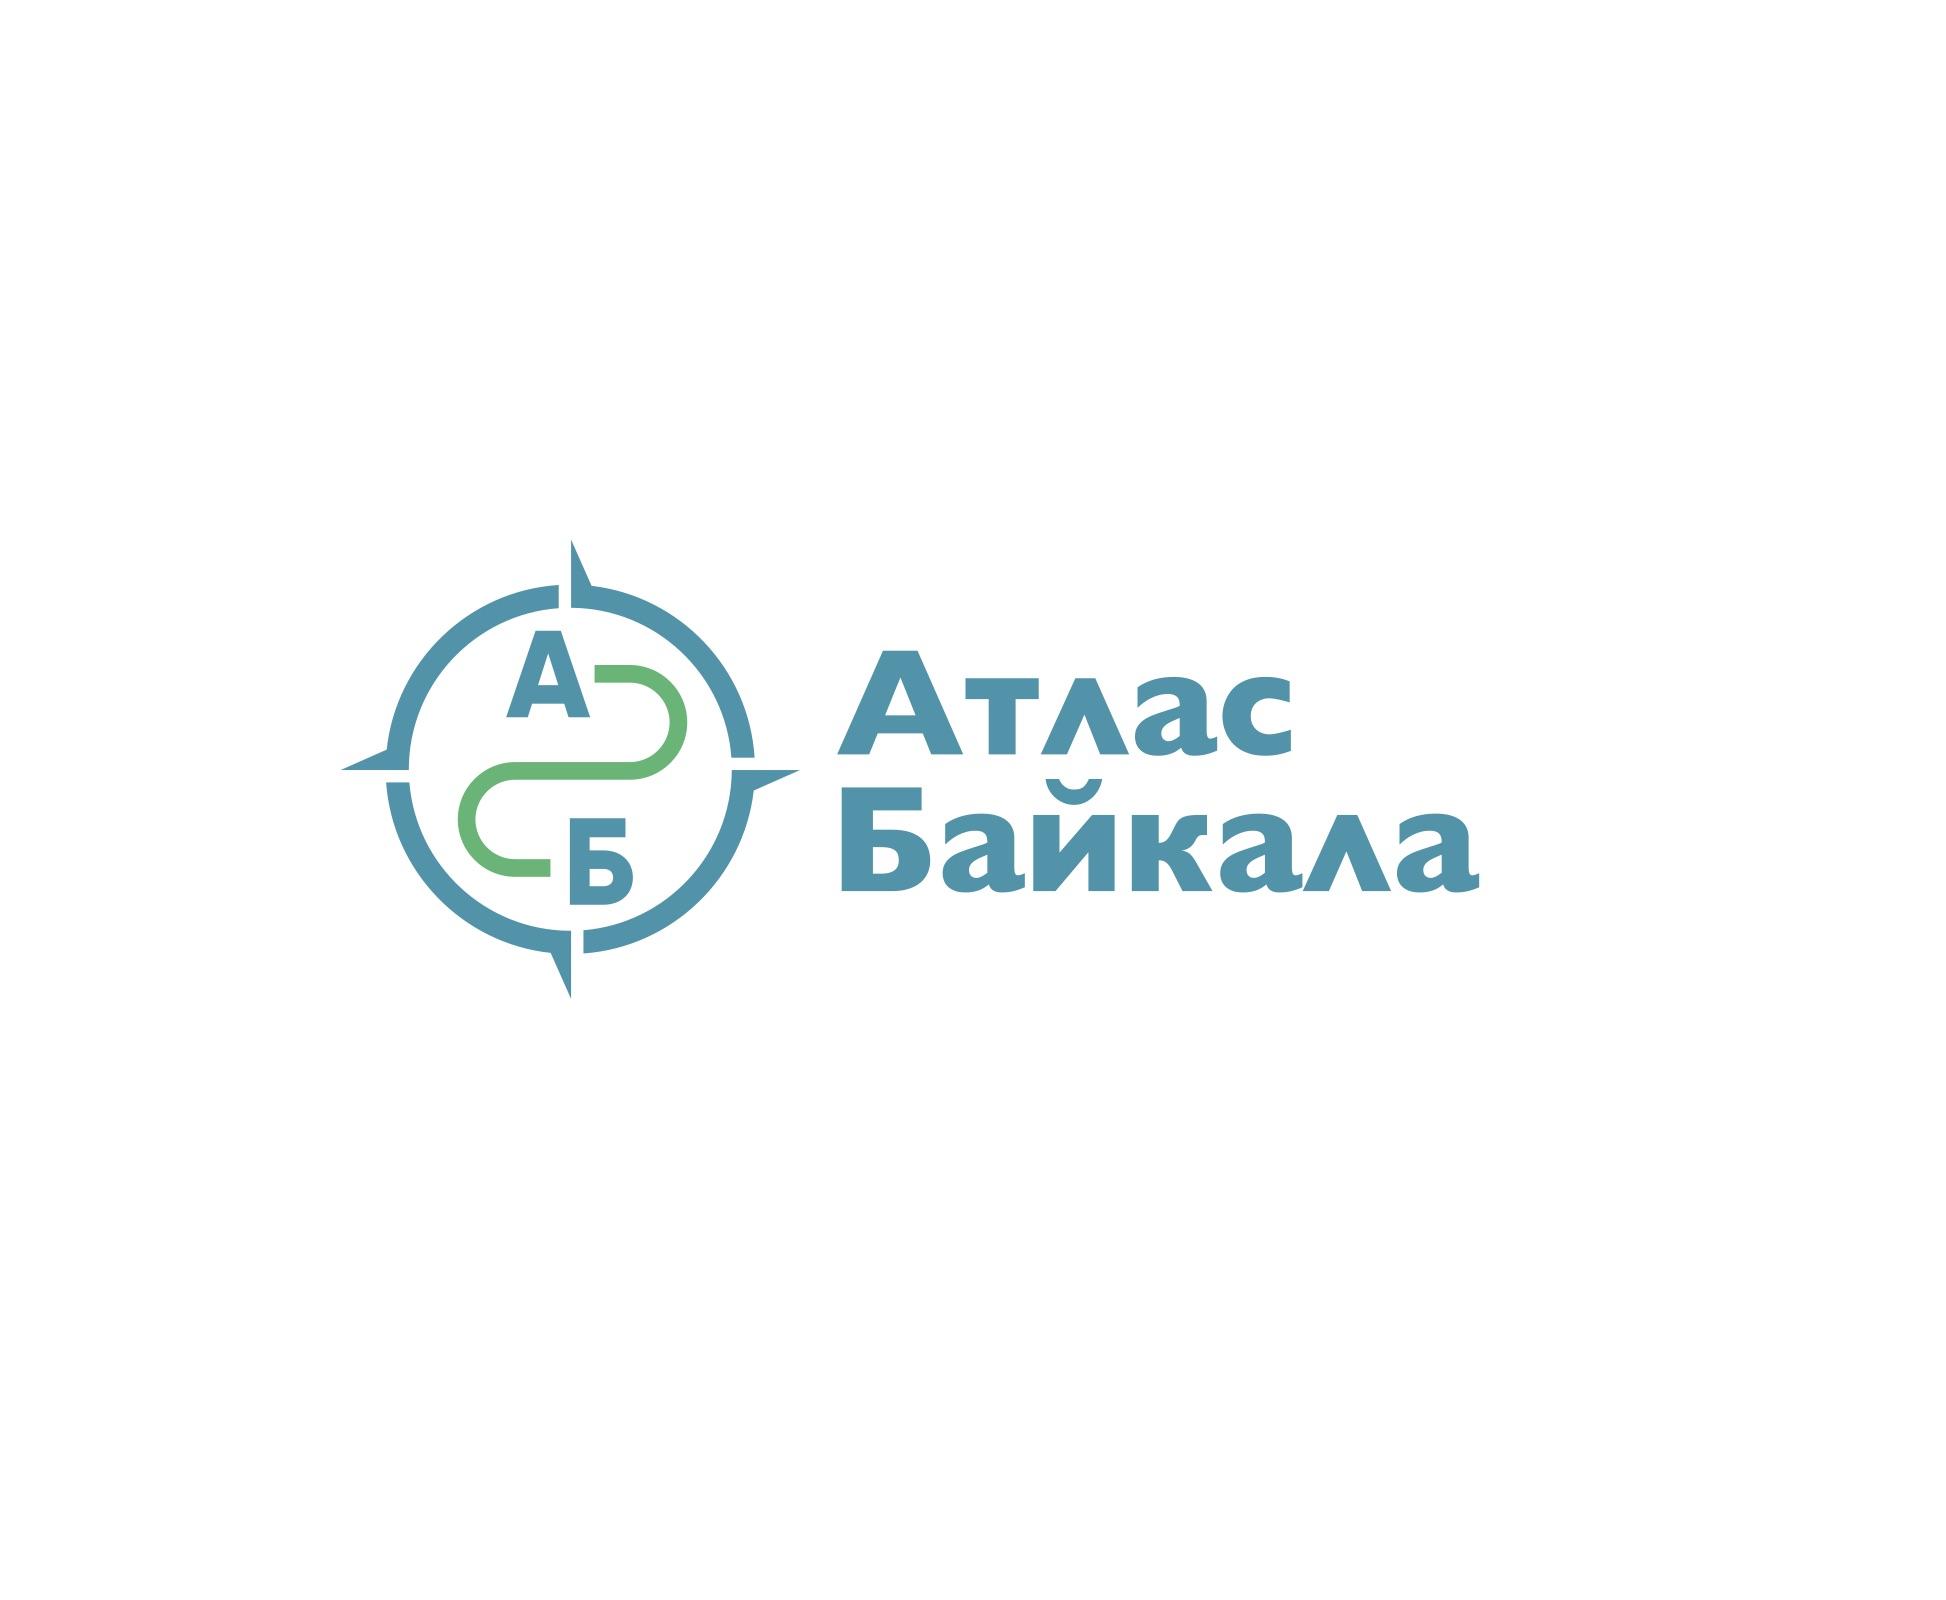 Разработка логотипа Атлас Байкала фото f_2095b0f575ec34fd.jpg